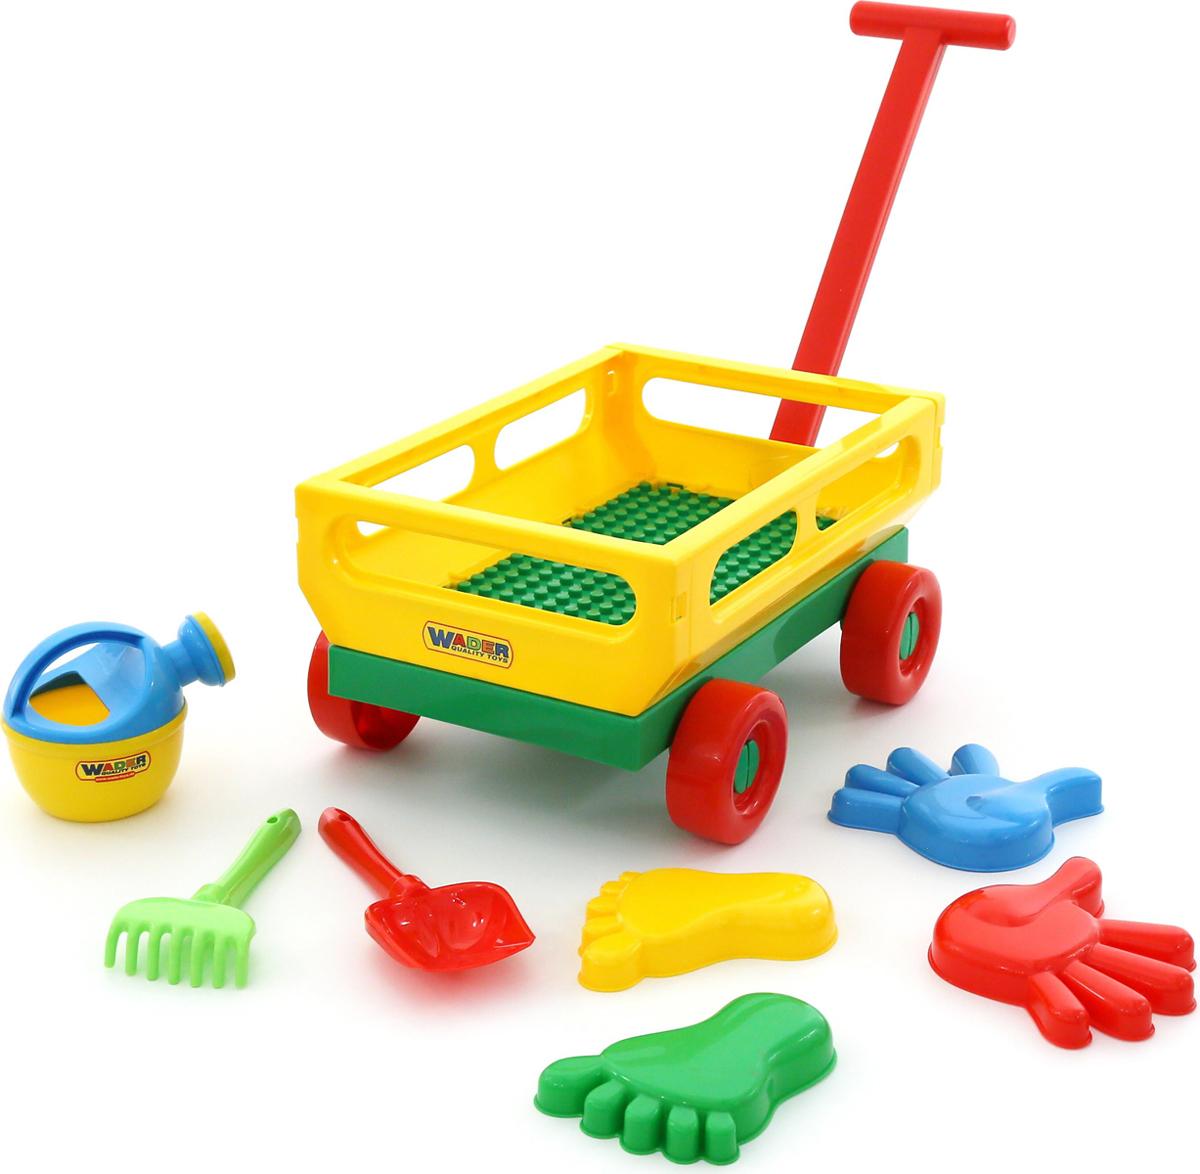 Полесье Набор игрушек для песочницы №486, цвет в ассортименте